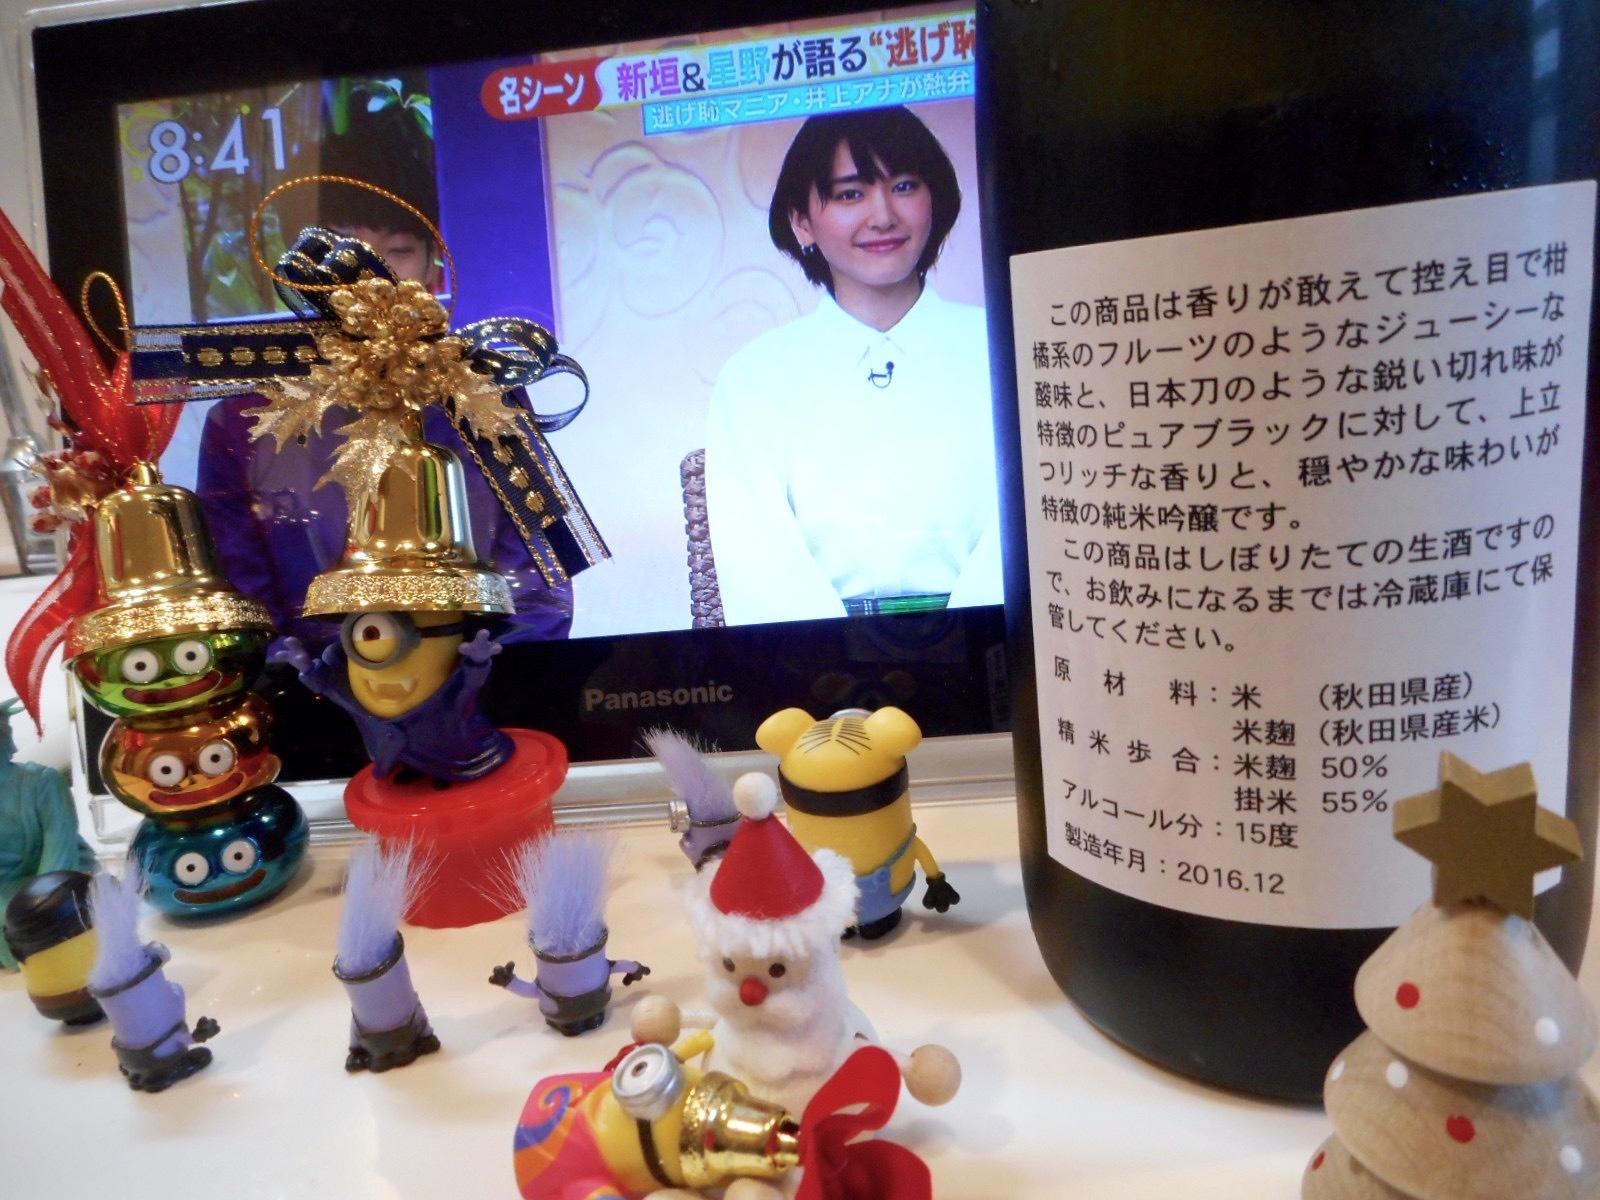 yamamoto_midnight_nama28by2.jpg